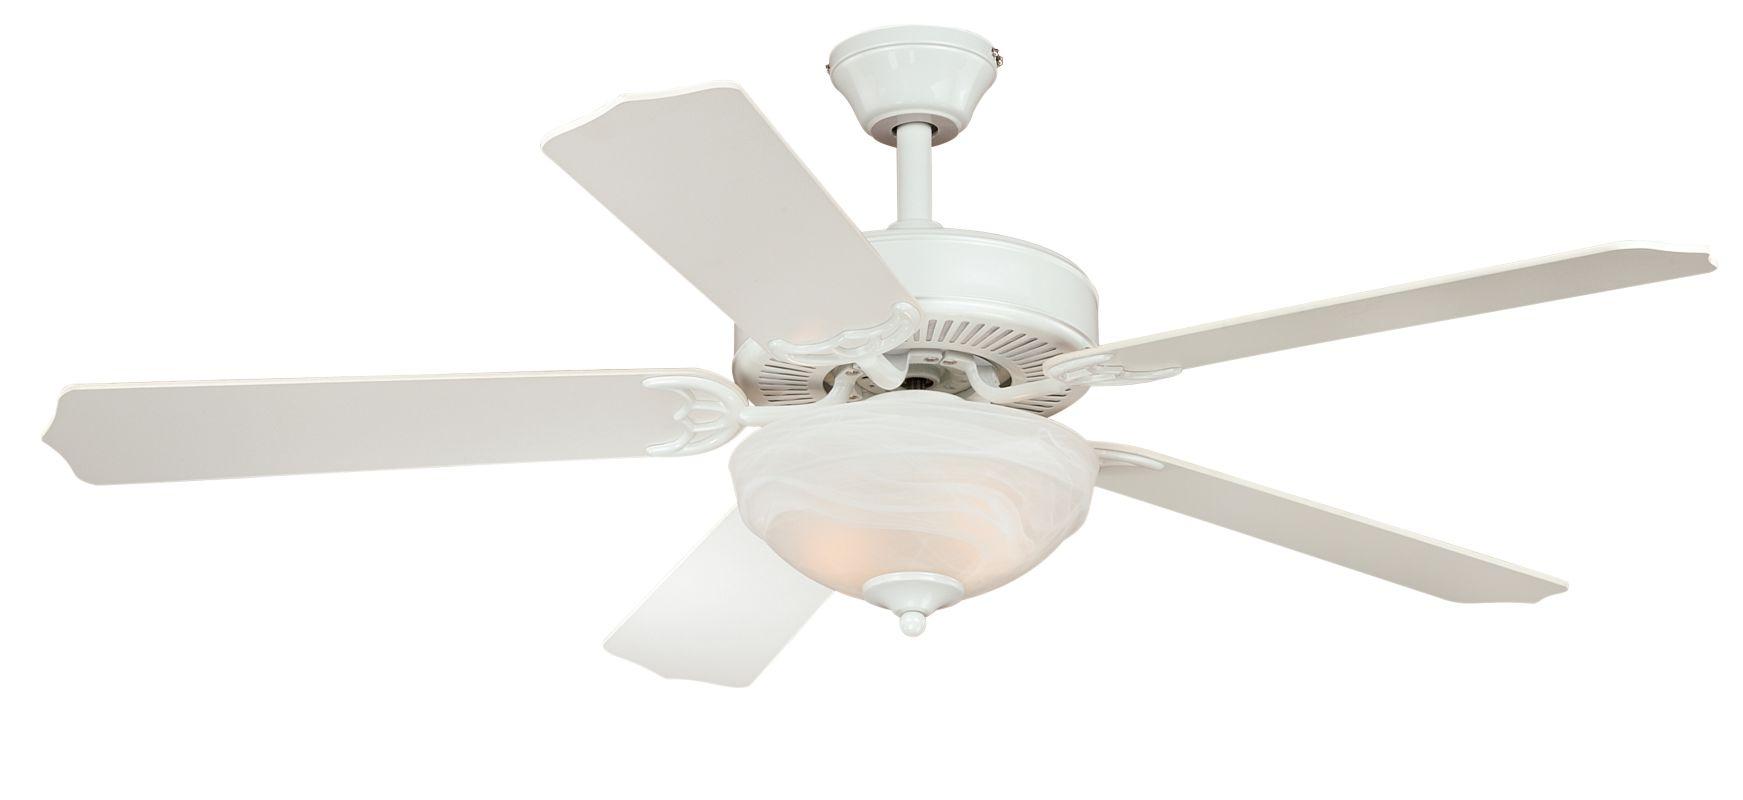 """Vaxcel Lighting F0025 Essentia 52"""" 5 Blade Indoor Ceiling Fan - Light"""